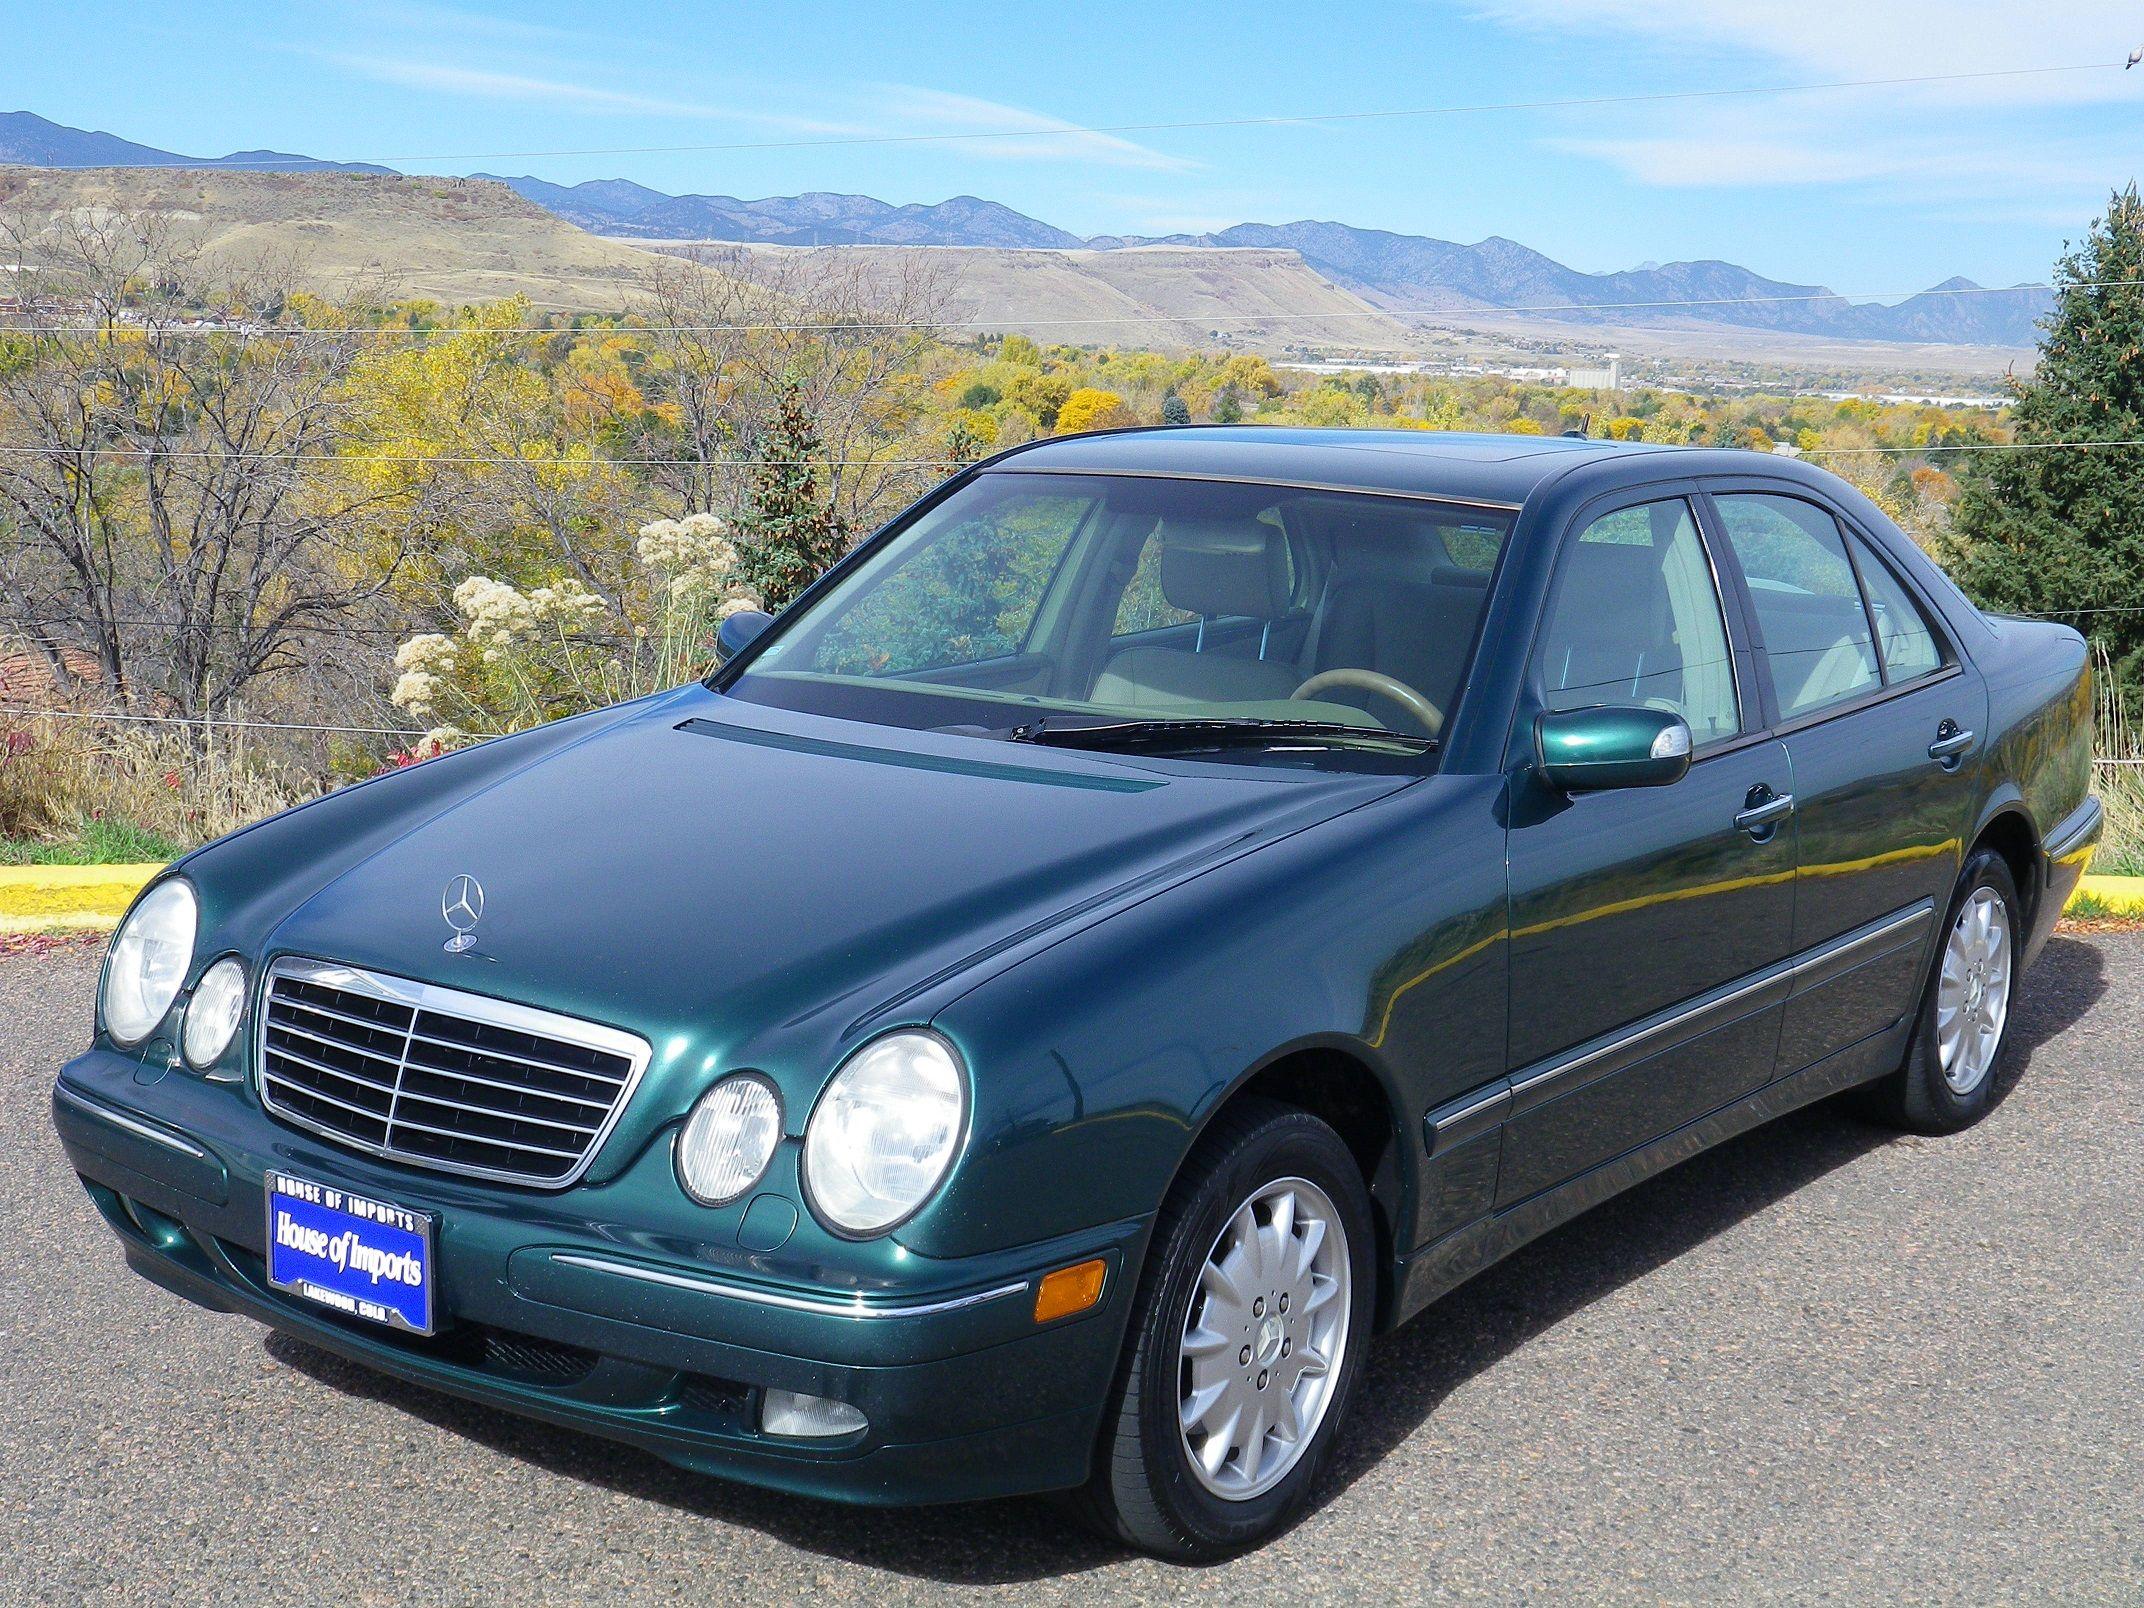 2001 Mercedes Benz E320 4-Matic 135930 miles WDBJF82J31X053113 Stock #:  C465A Aspen Green Metallic Interior: Java